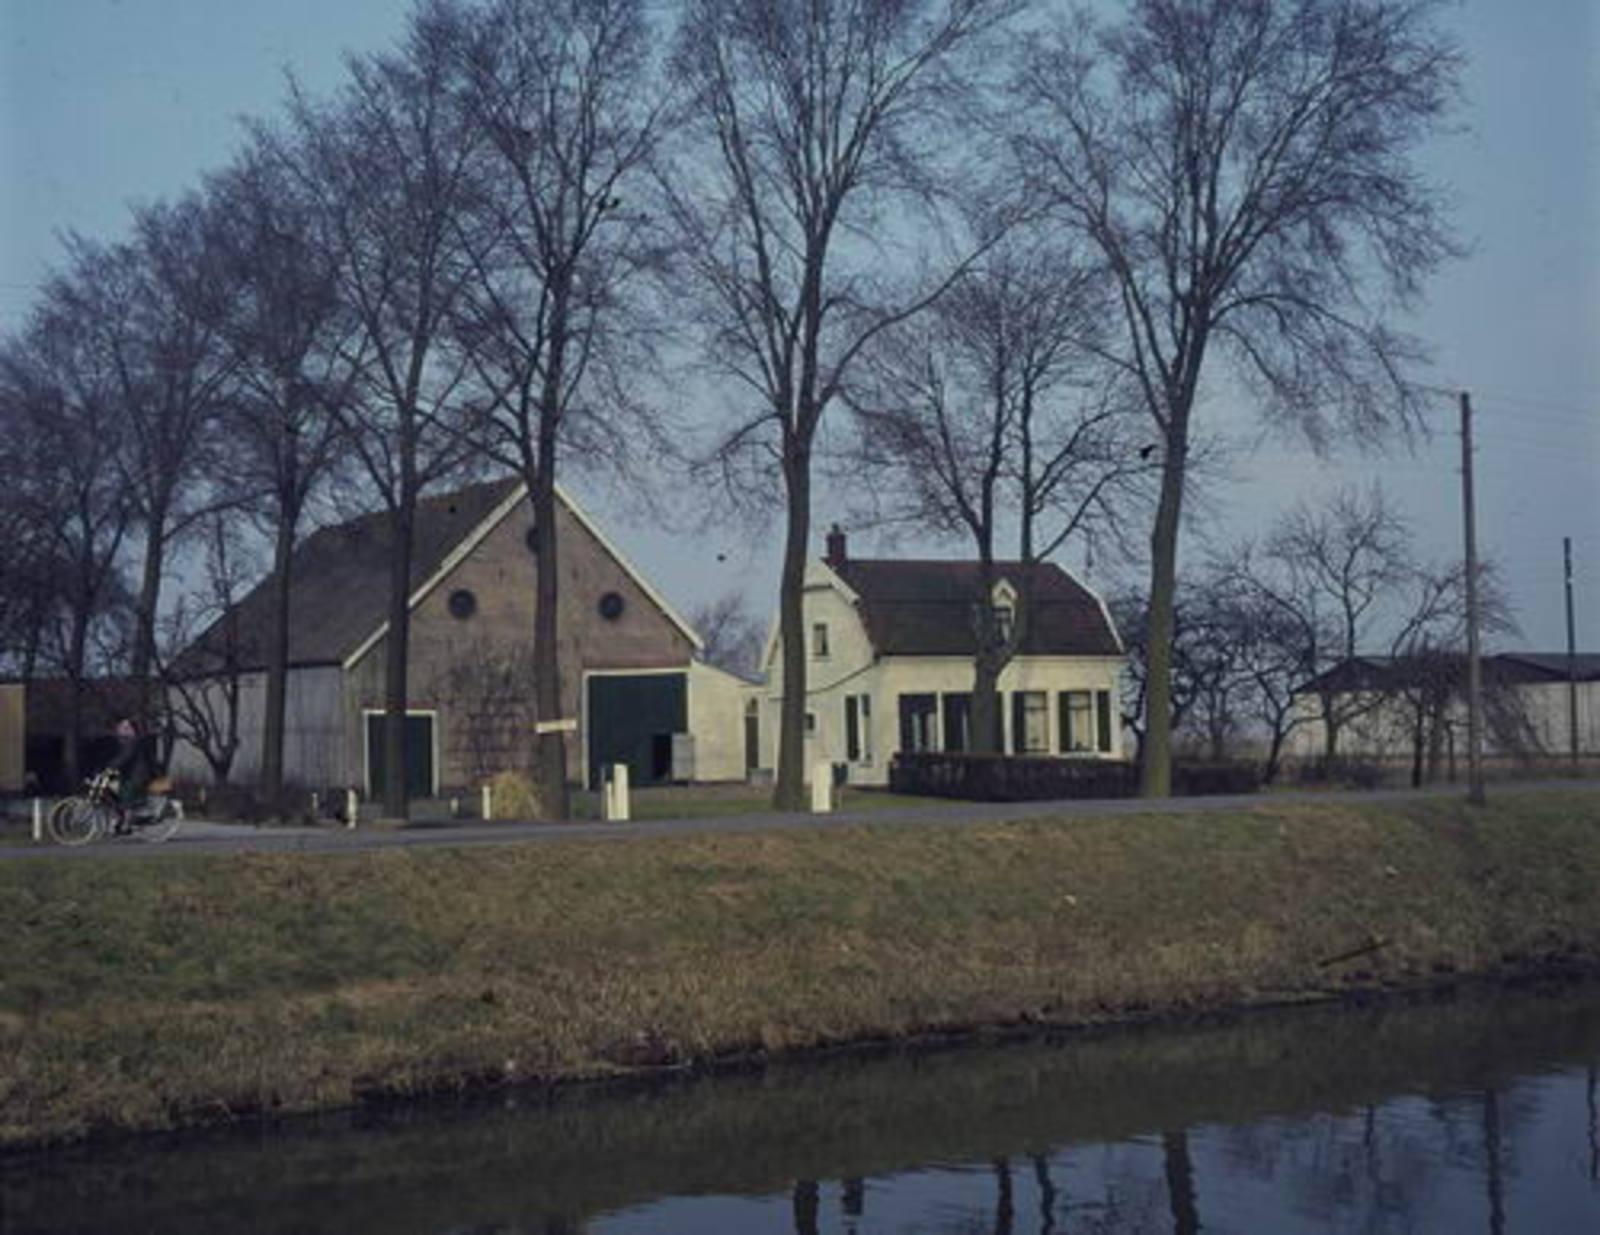 Hoofdweg W 0817 1976 Boerderij Zorg en Vlijt.bmp